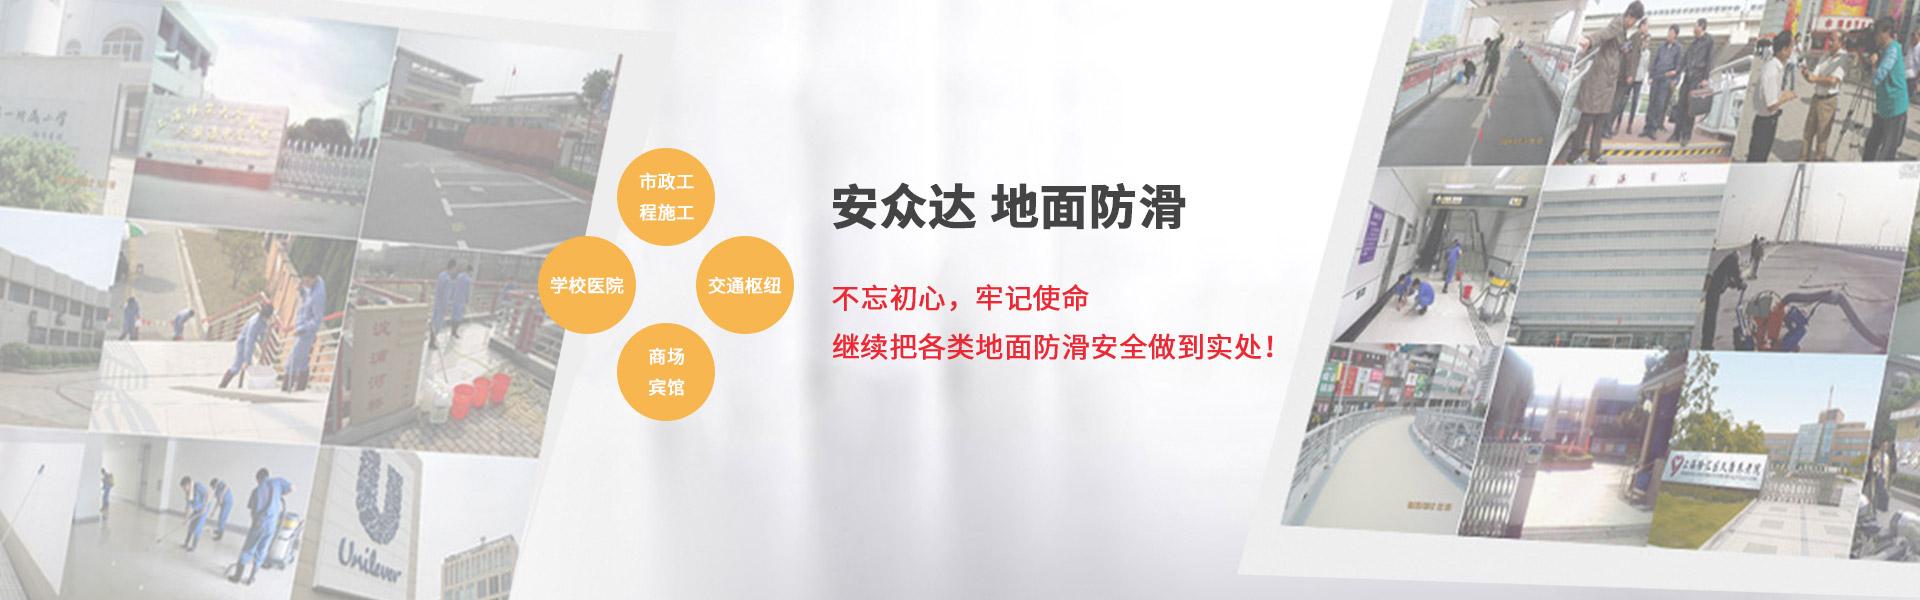 上海安众达地面防滑工程技术有限公司